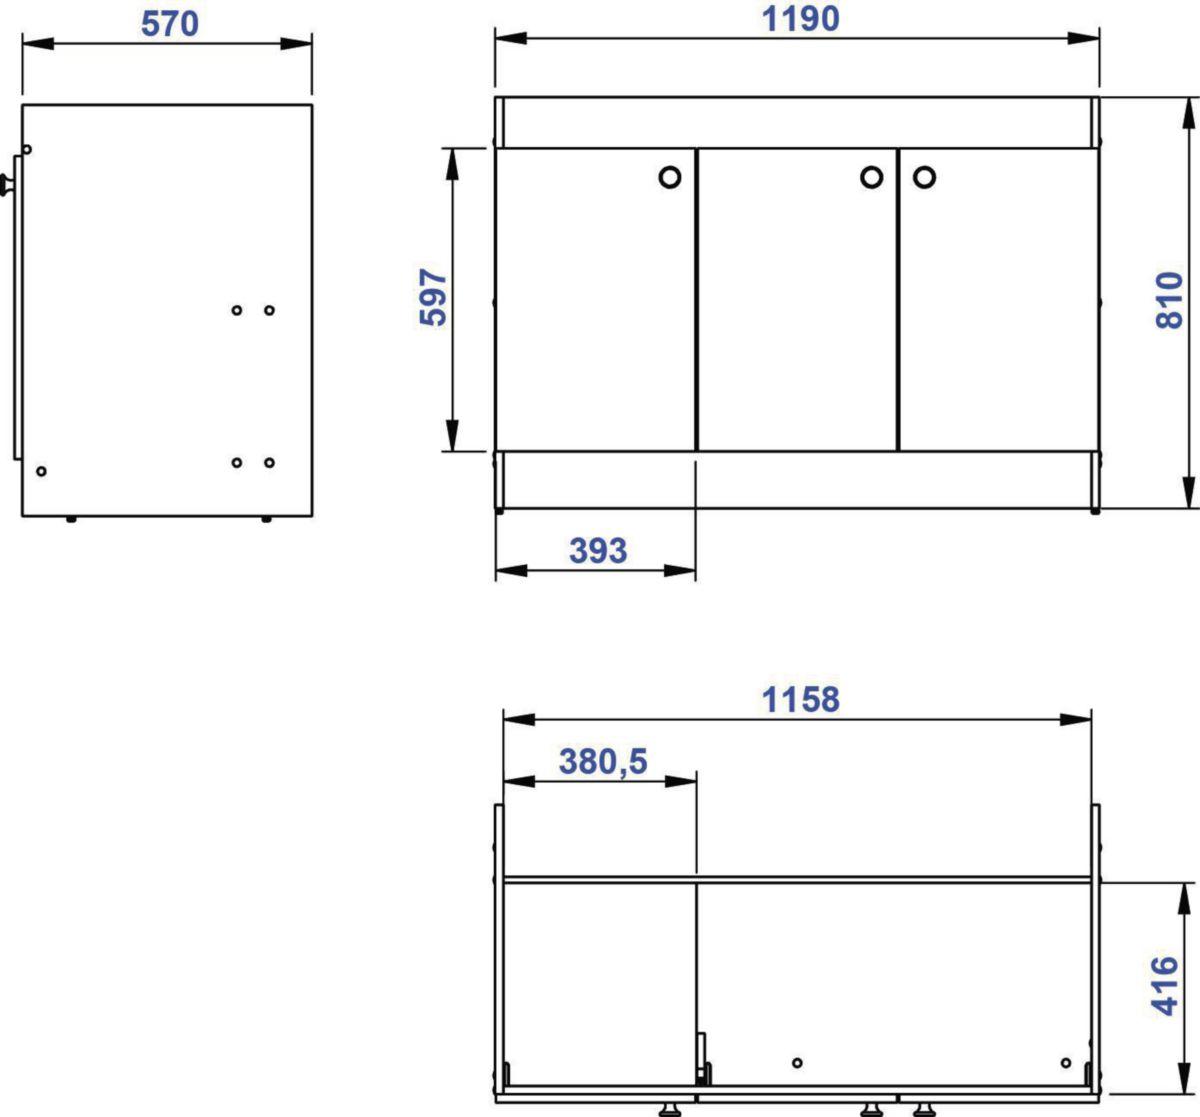 Meuble sous-évier mélaminé, épaisseur 16 mm, 1 étagère, 3 portes, vérins de réglage. réf. ABCP120D02